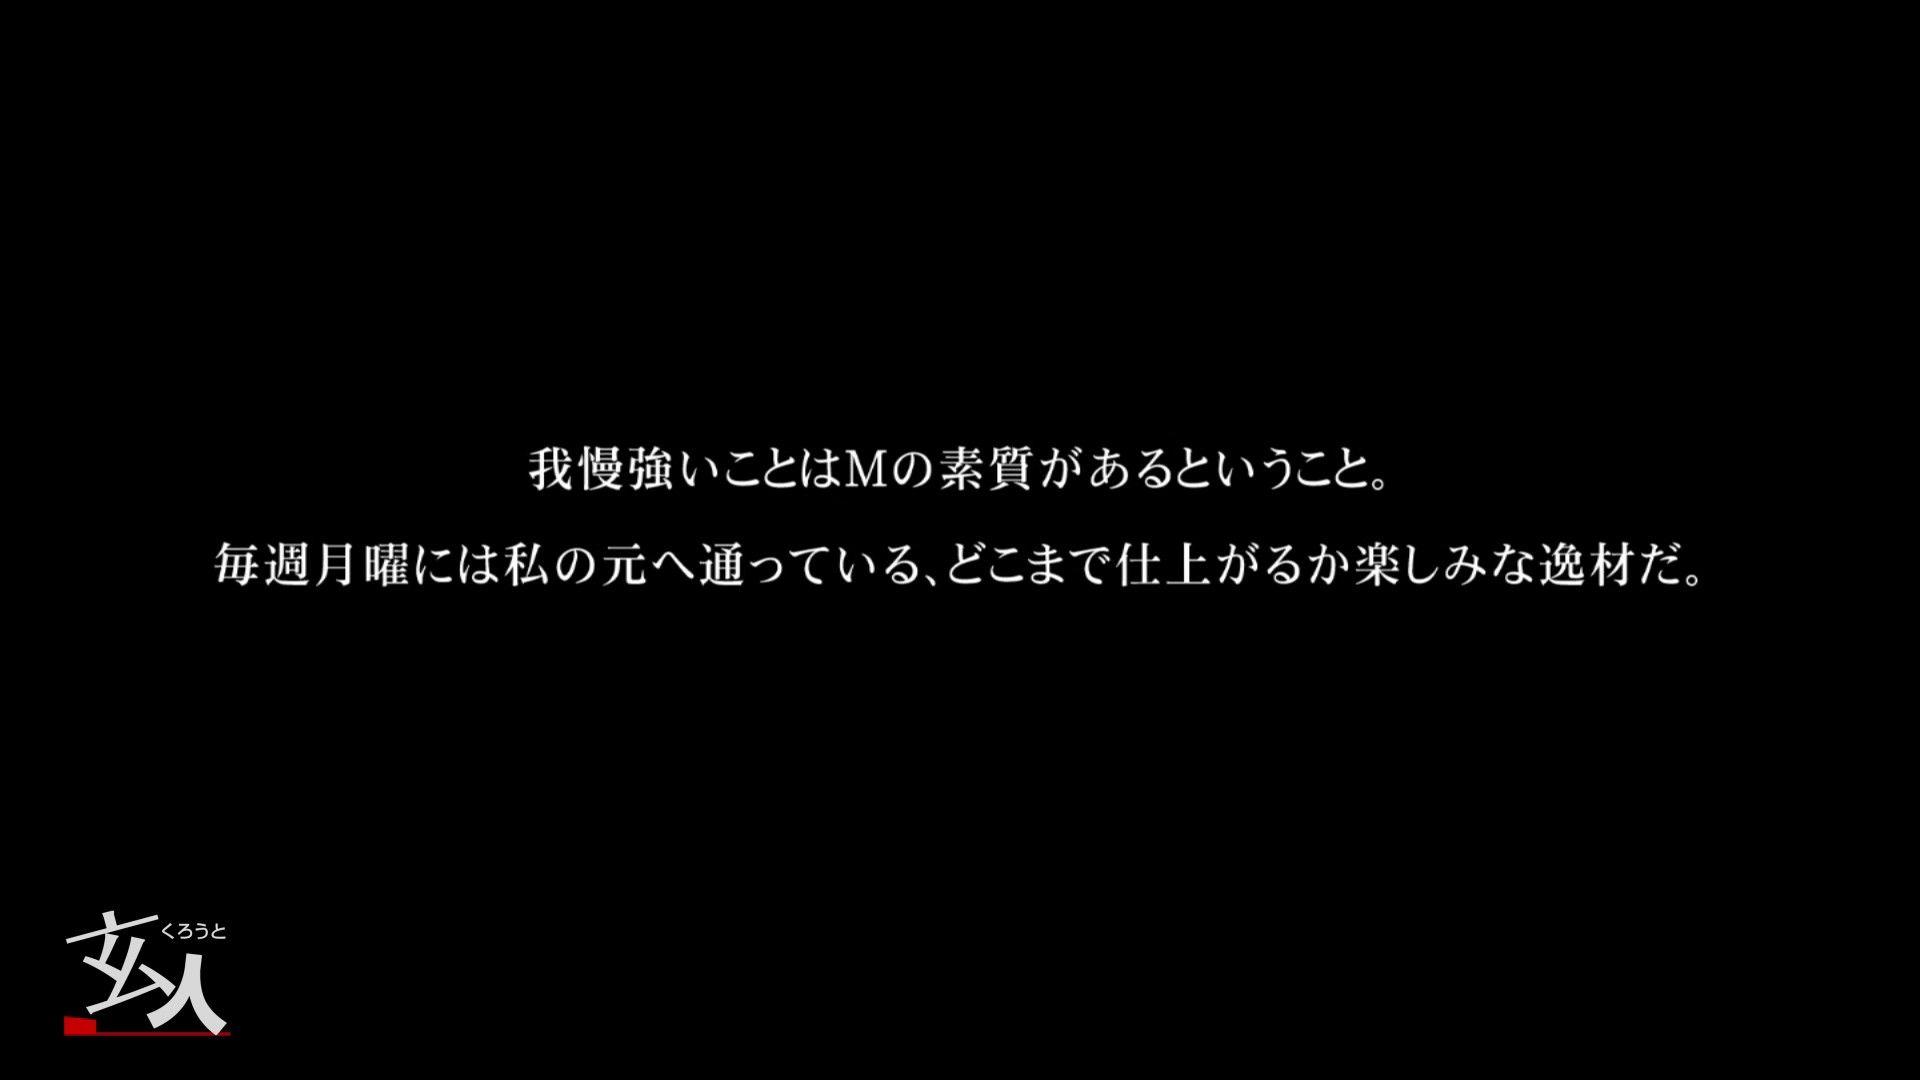 鬼才沖本監督作品 何でもハイと言う女 終章 中出し | アナル  58PIX 10